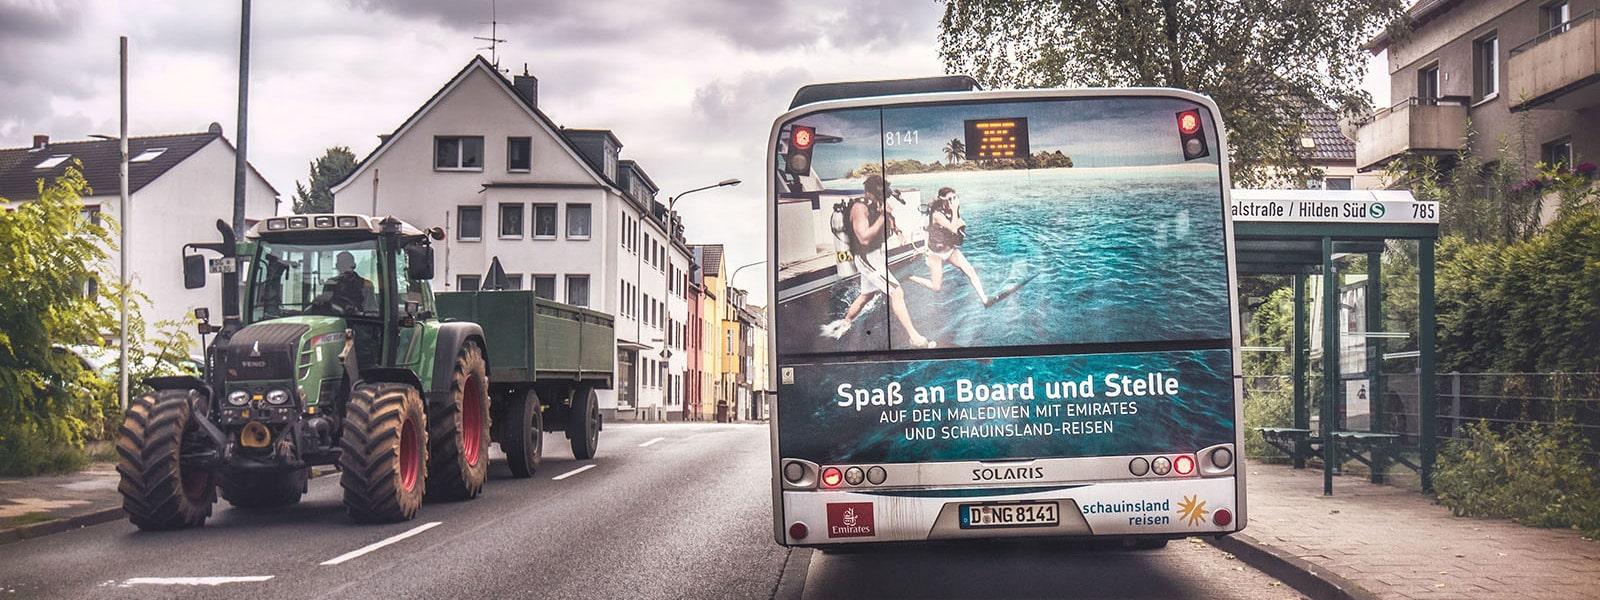 Neuss-Buswerbung-Heckwerbung